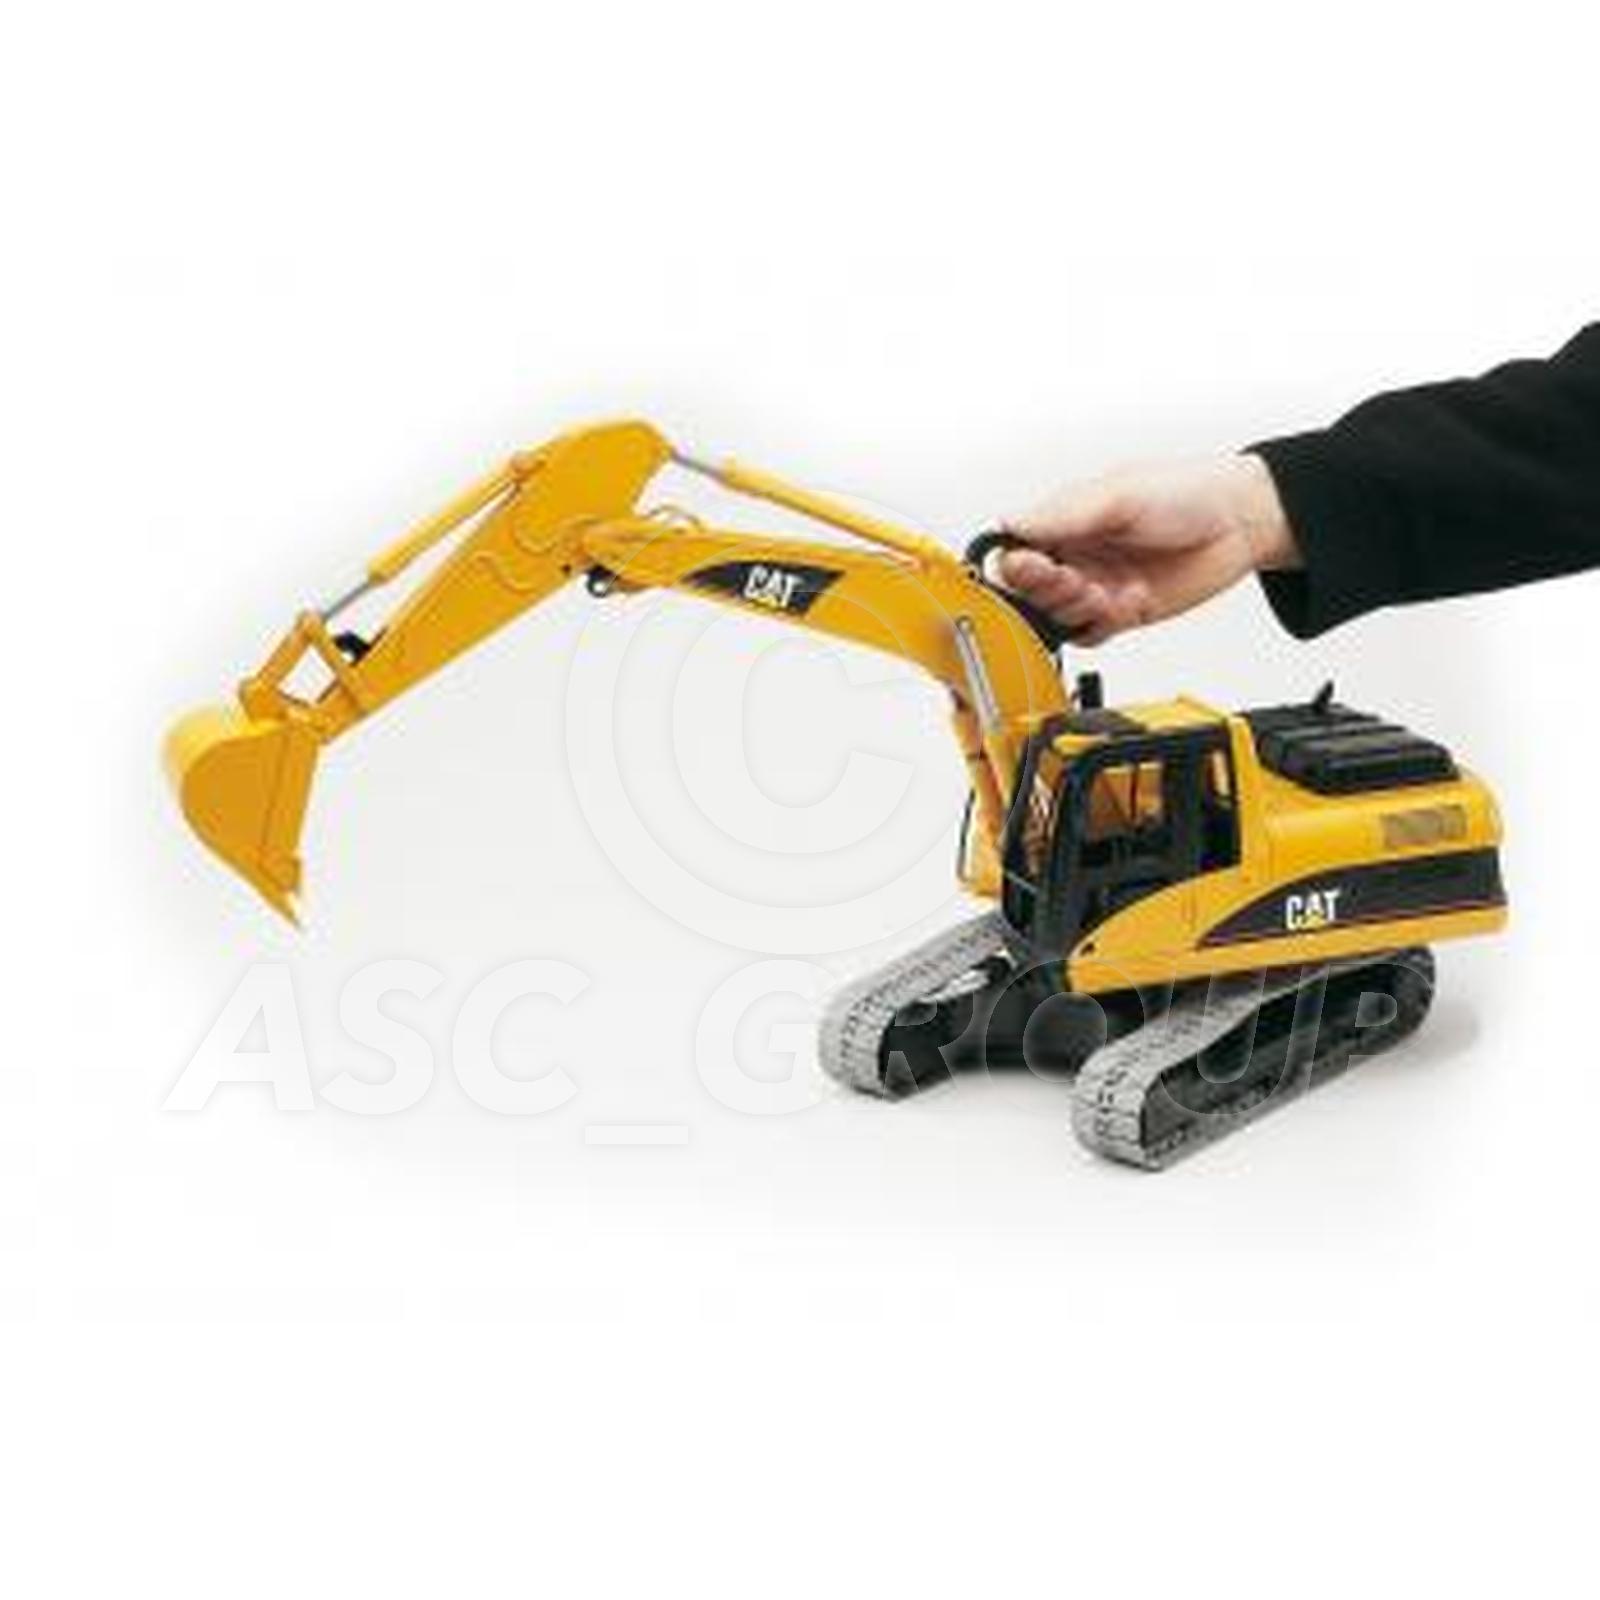 Bruder Toys 02438 Pro Series Caterpiller Cat Excavator